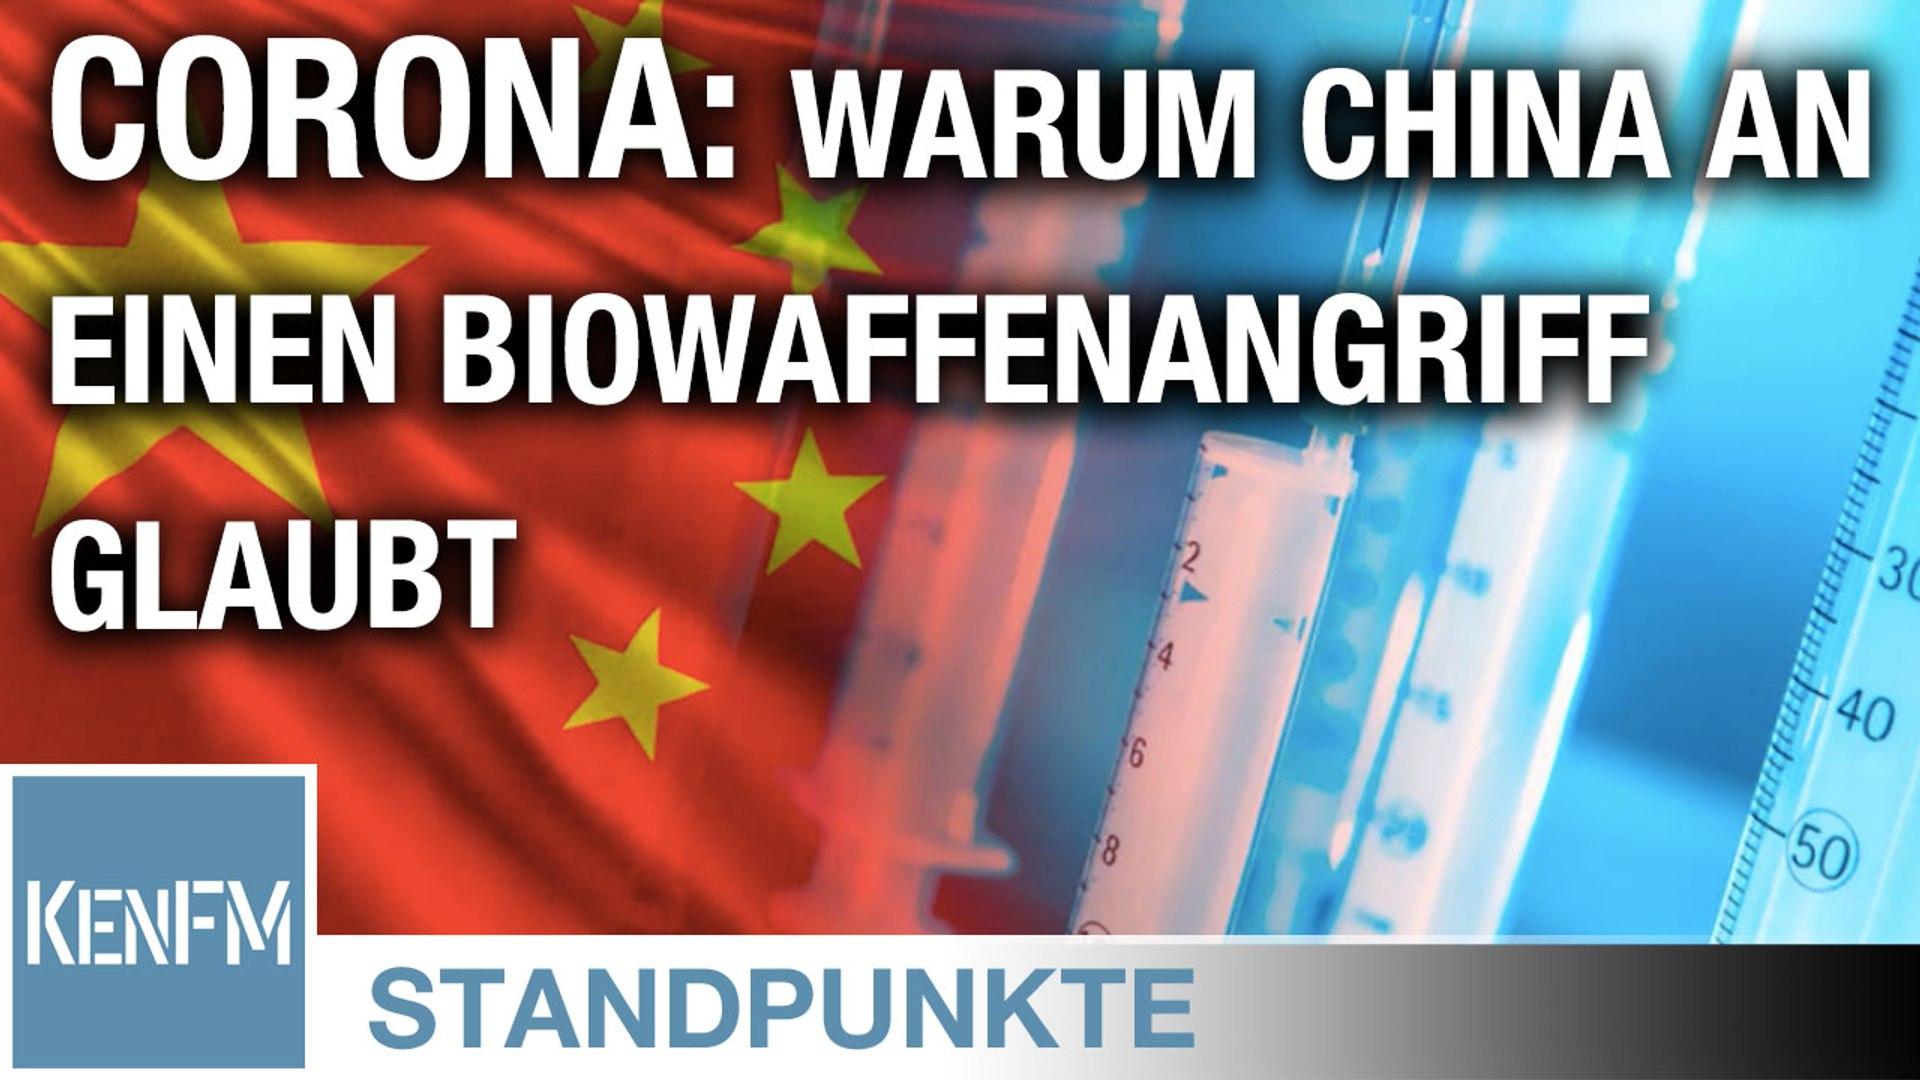 Corona: Warum China an einen Biowaffenangriff glaubt | Von Jochen Mitschka